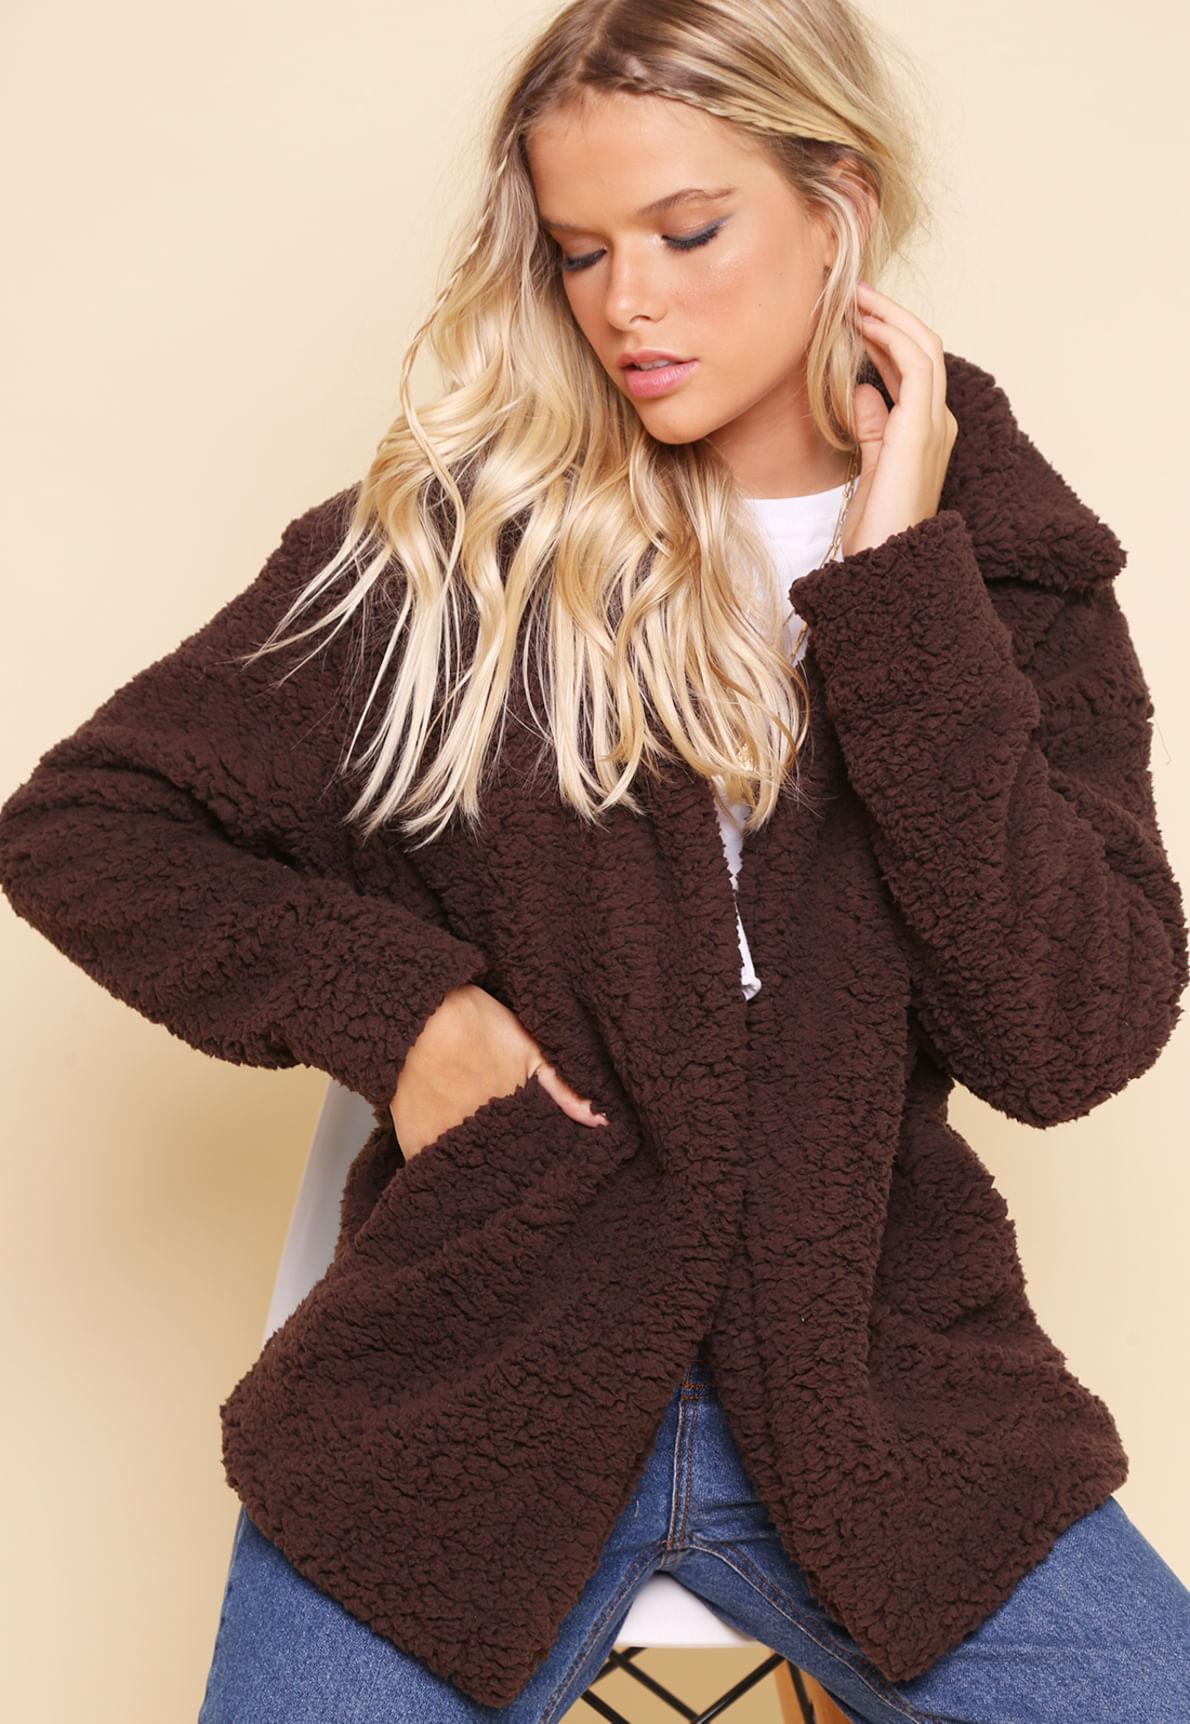 31017-casaco-pelo-marrom-teddy-mundo-lolita-02